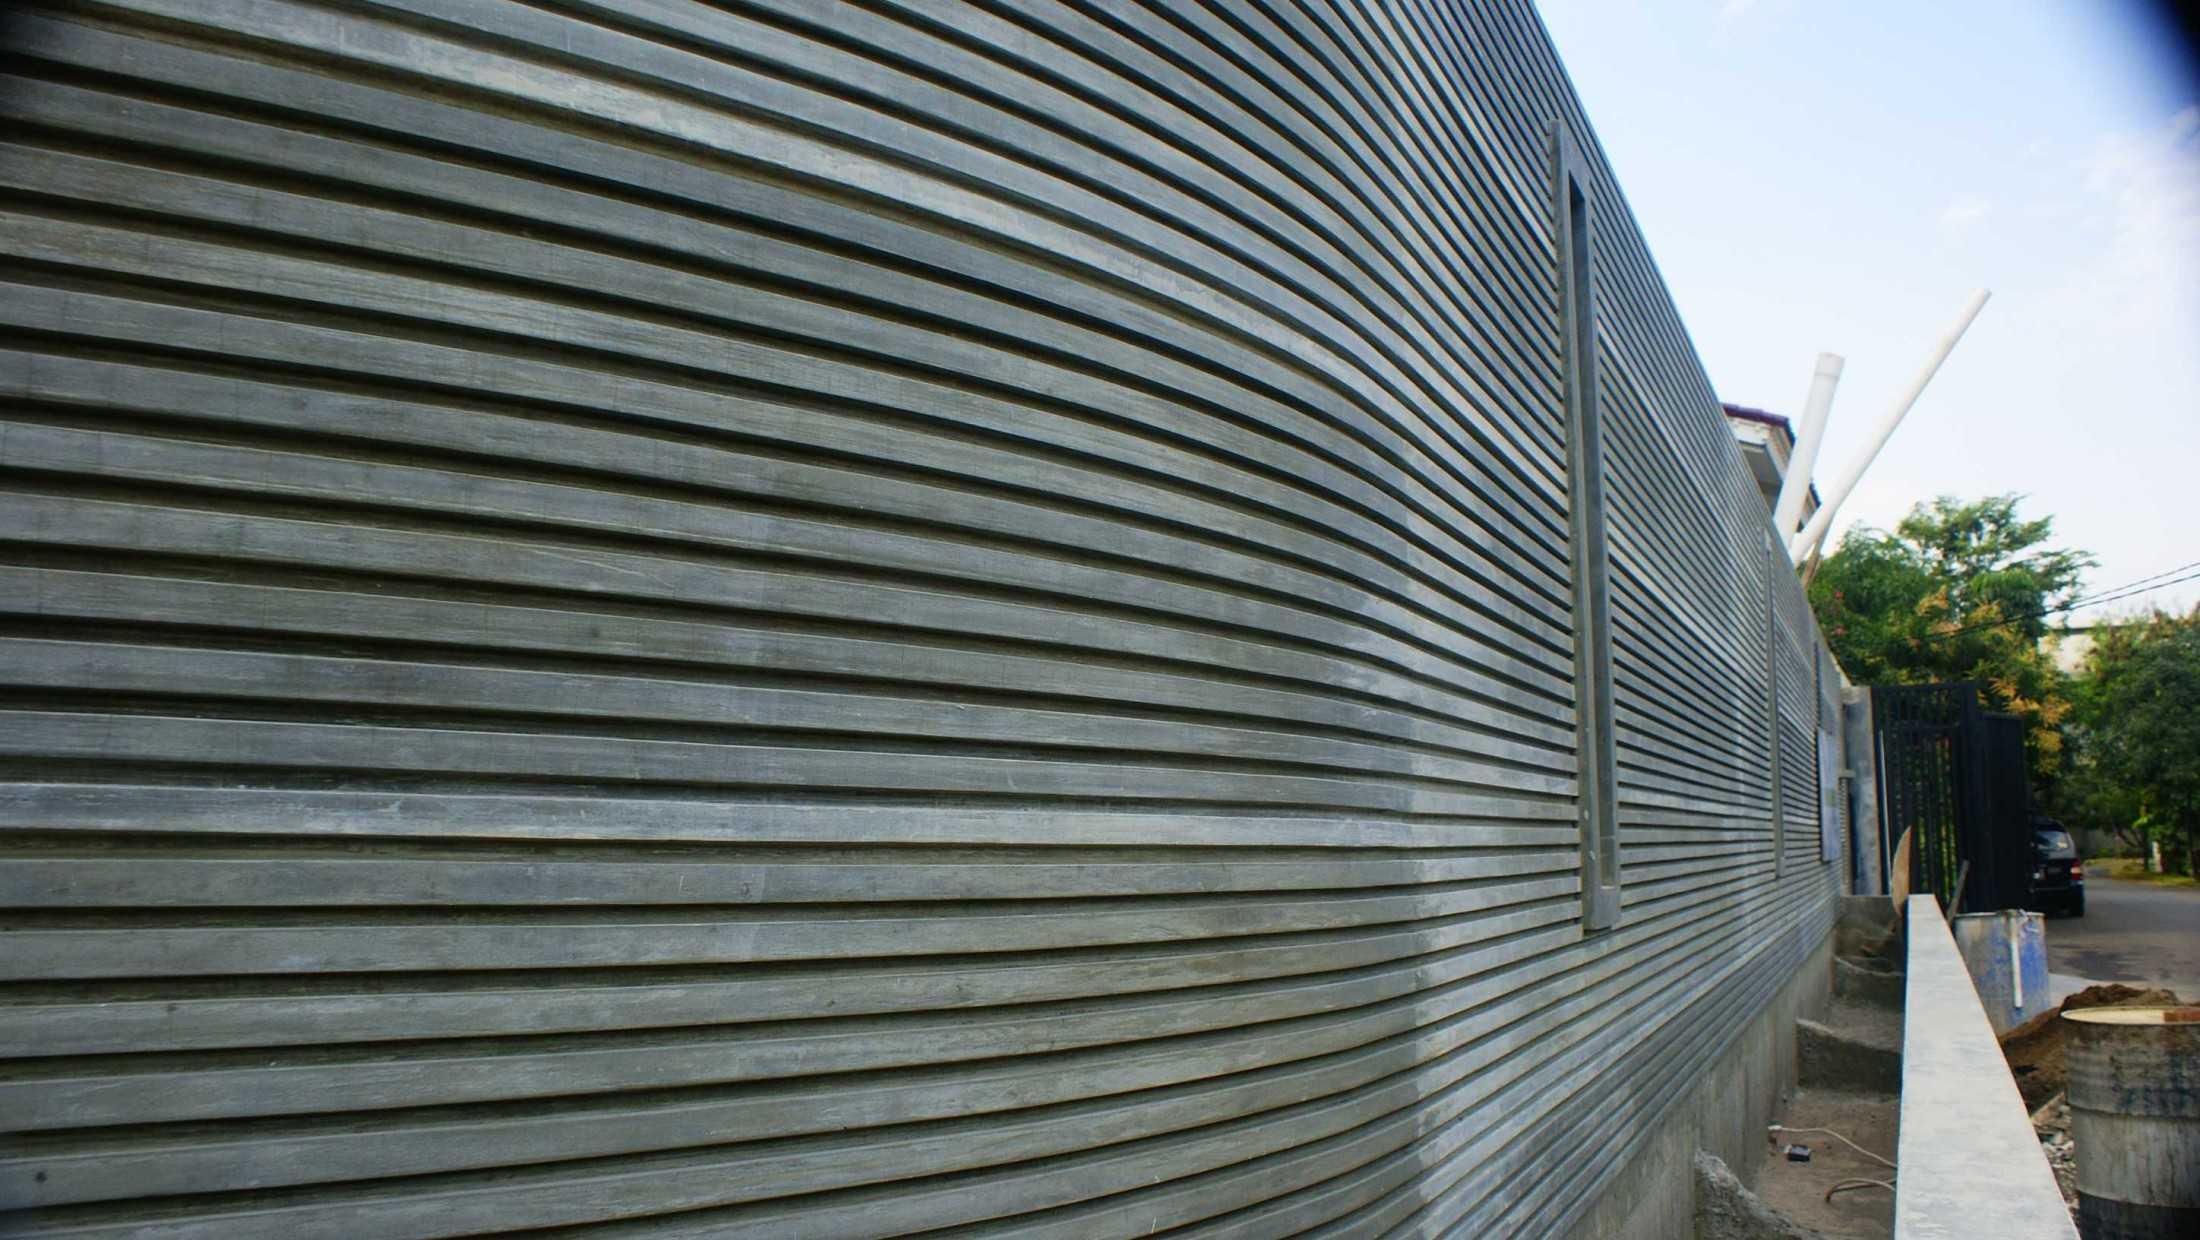 Avana Architecture Rumah Tinggal Di Janur Hijau Jakarta Utara, Kota Jkt Utara, Daerah Khusus Ibukota Jakarta, Indonesia Jakarta Utara, Kota Jkt Utara, Daerah Khusus Ibukota Jakarta, Indonesia Avana-Architecture-Rumah-Tinggal-Di-Janur-Hijau  57559